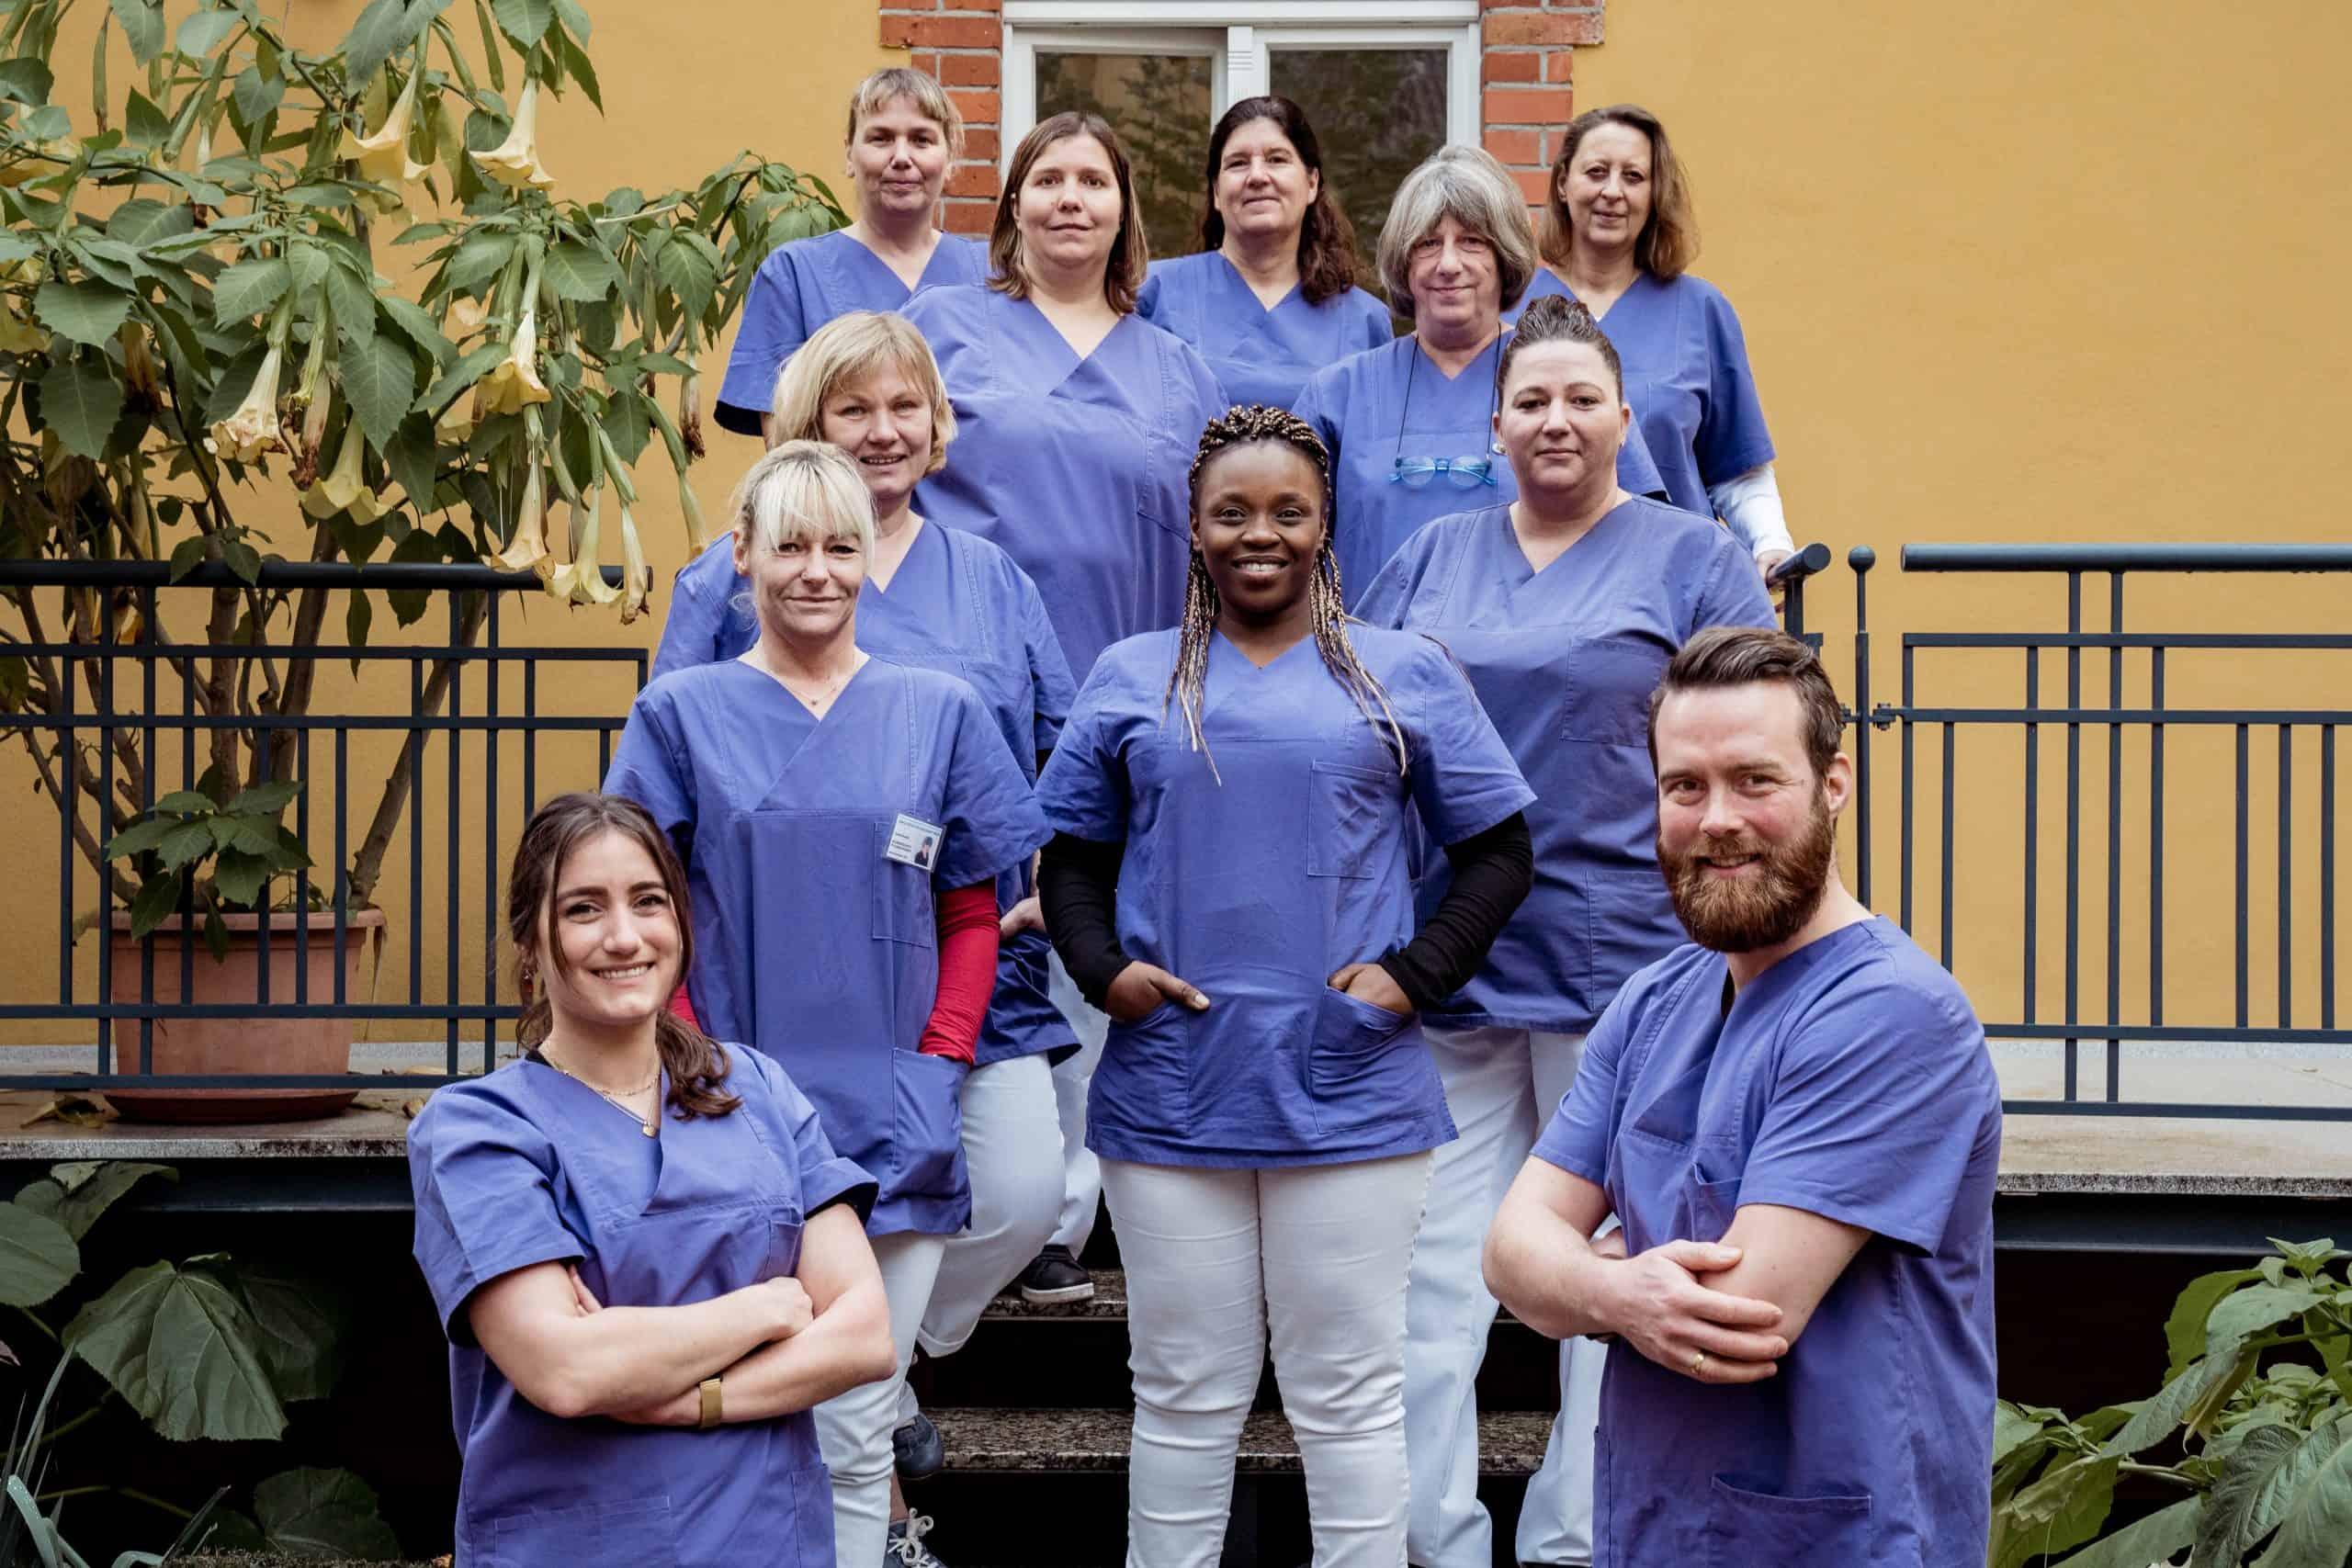 Das Team vom ambulanten Pflegedienst Niederrhein